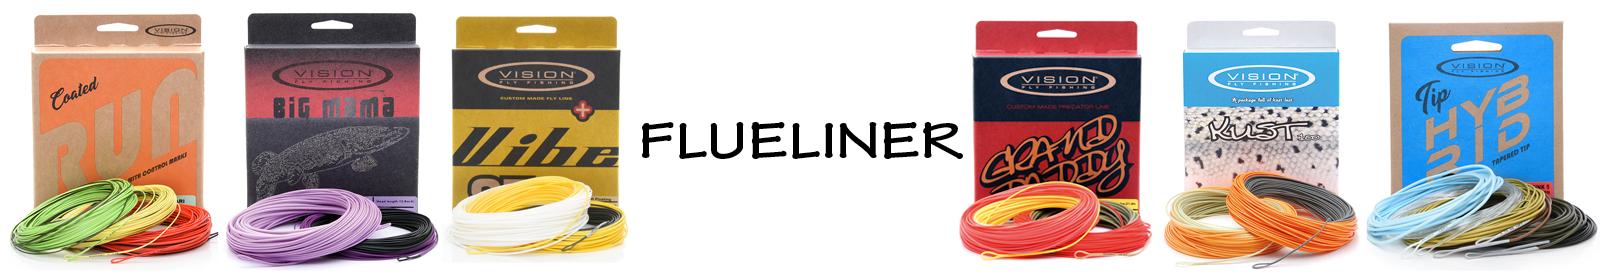 Flue liner til fluefiskeri hos LYSTFISKEREN.dk